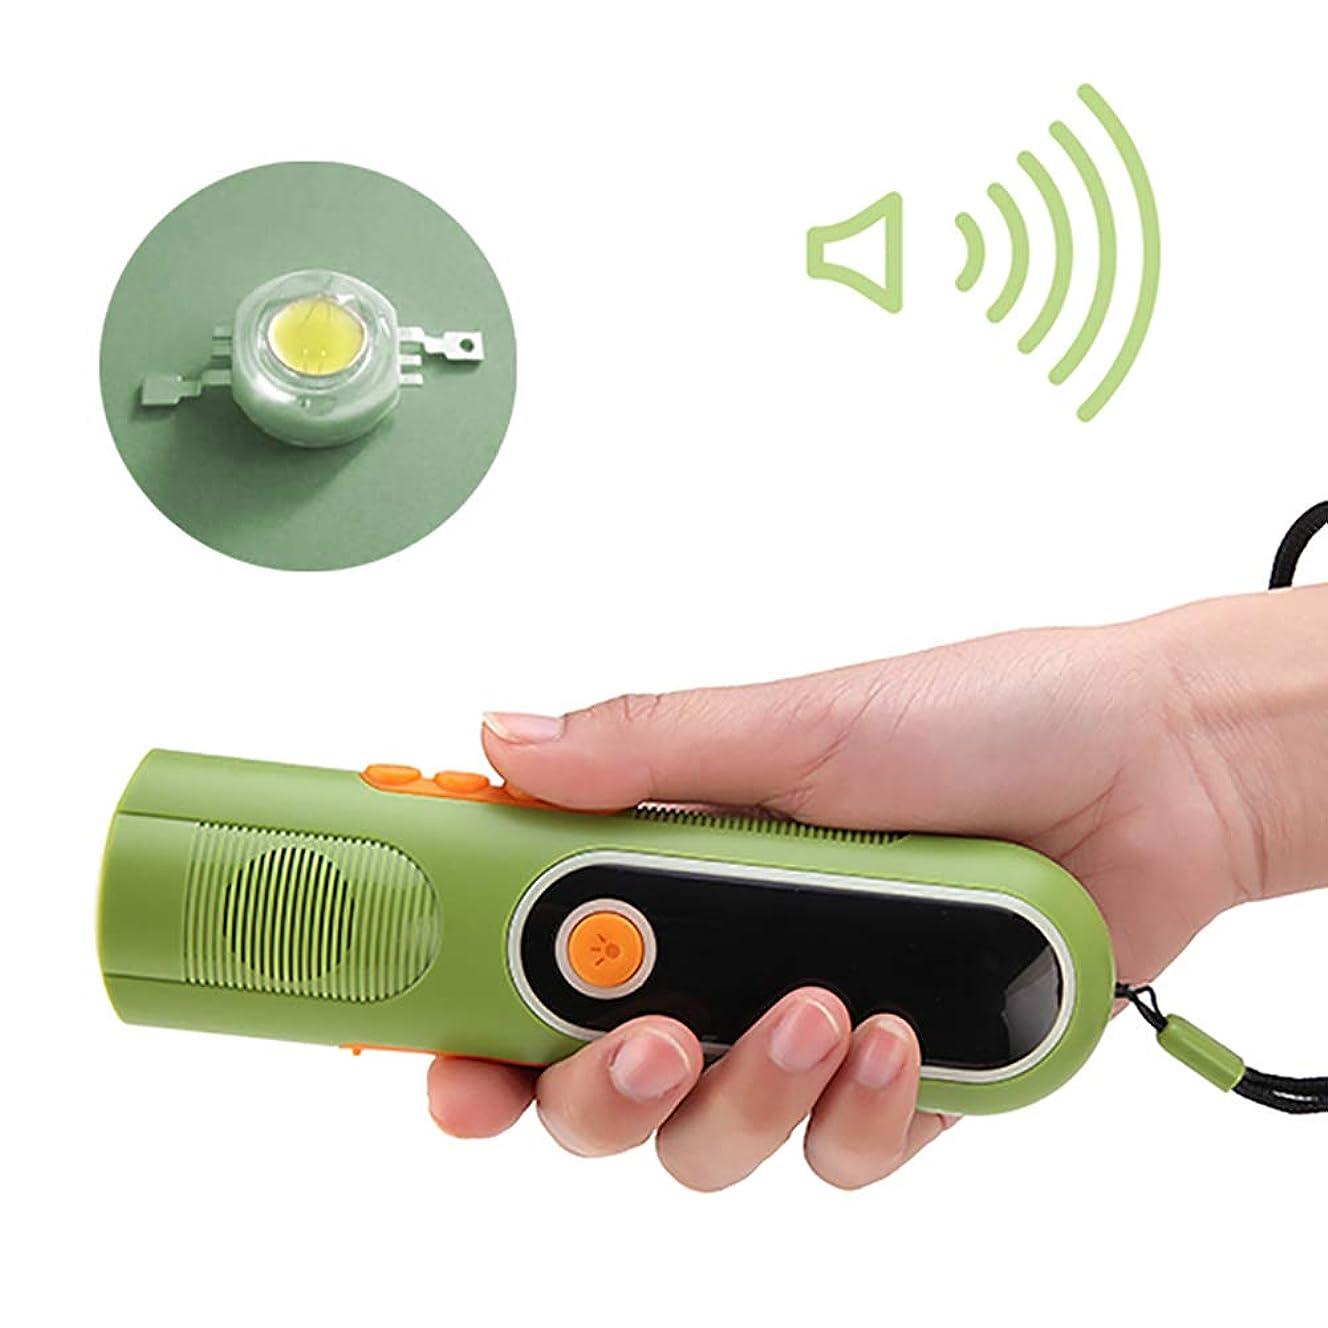 ハンディキャップ基本的な差し引く緊急ハンドクランクポータブルラジオ、屋外緊急充電式ラジオ照明フィールド活動登山旅行長期護衛